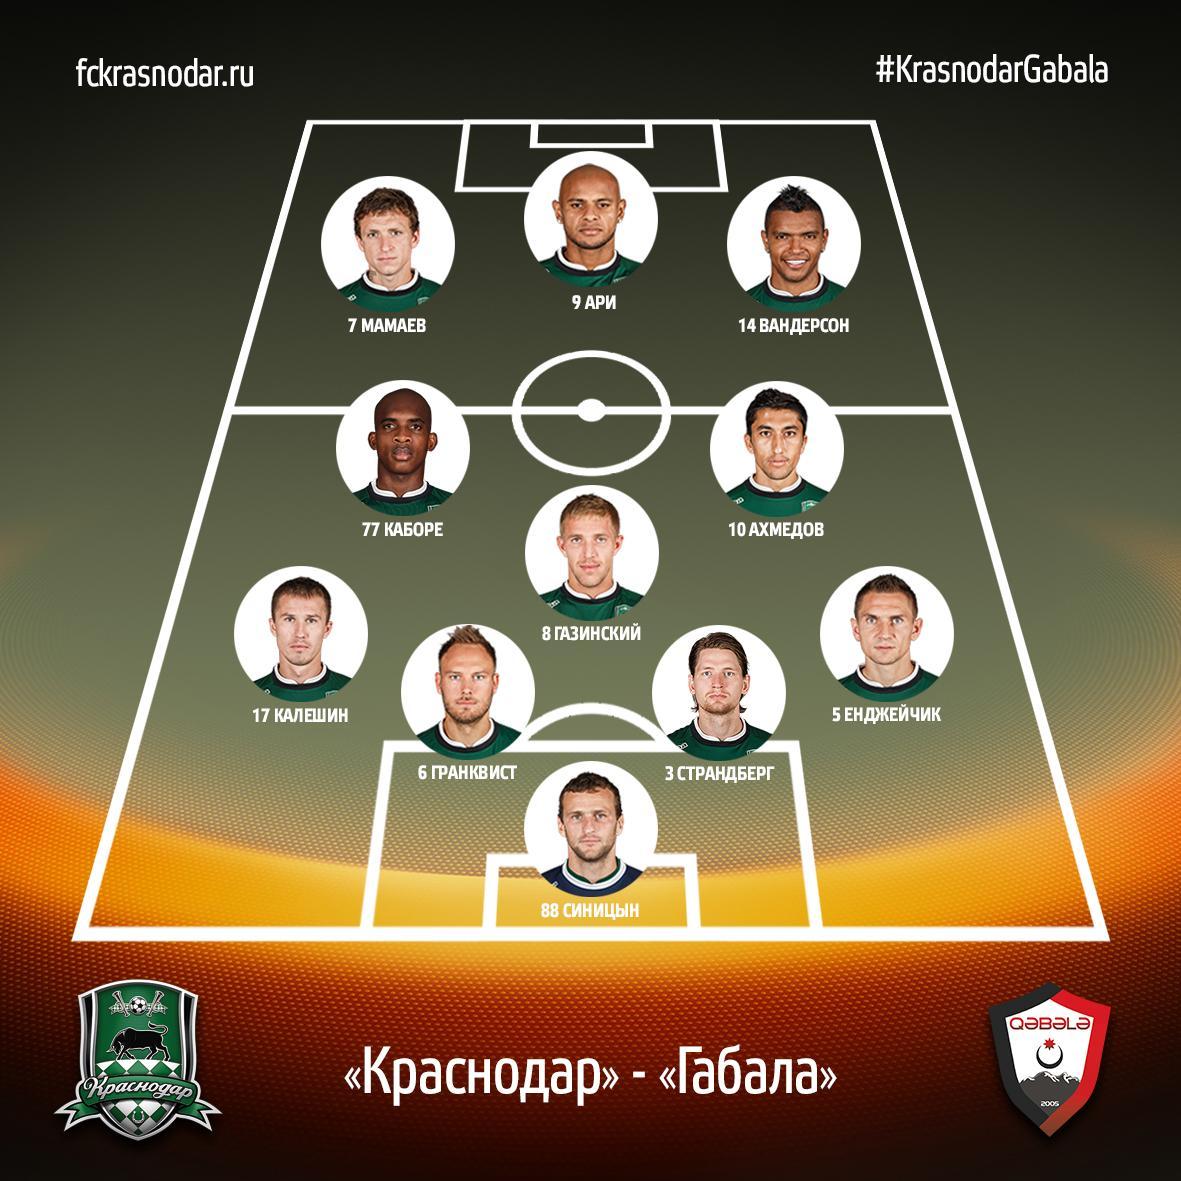 Ари и Вандерсон выйдут в основе «Краснодара» в матче против «Габалы»